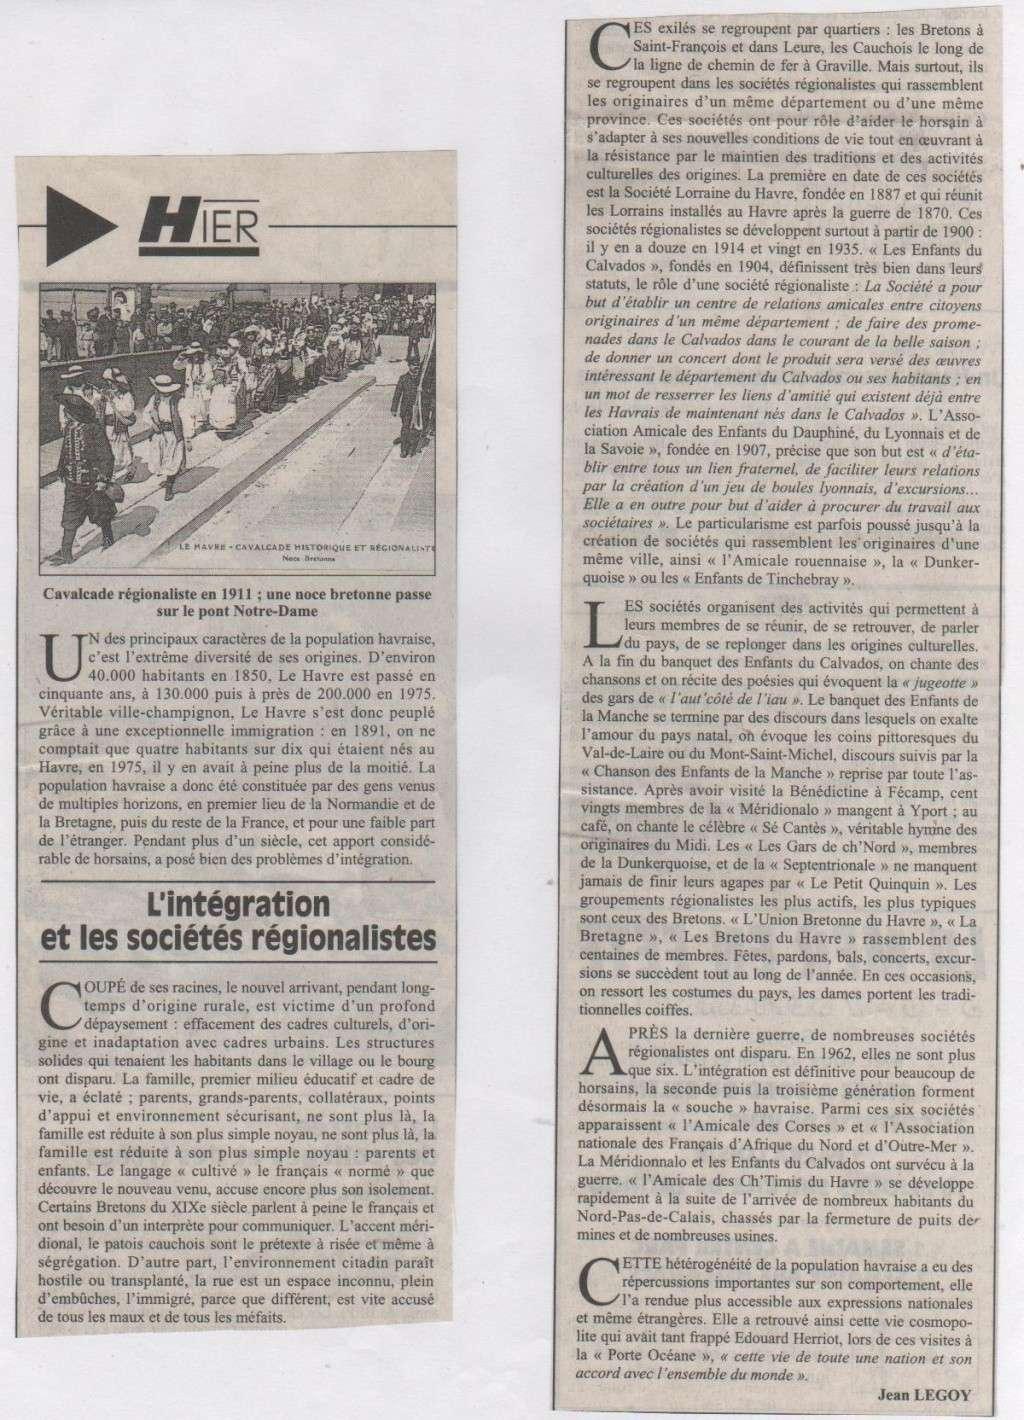 bléville - Hier, Le Havre par Jean LEGOY - Page 4 L_inta10